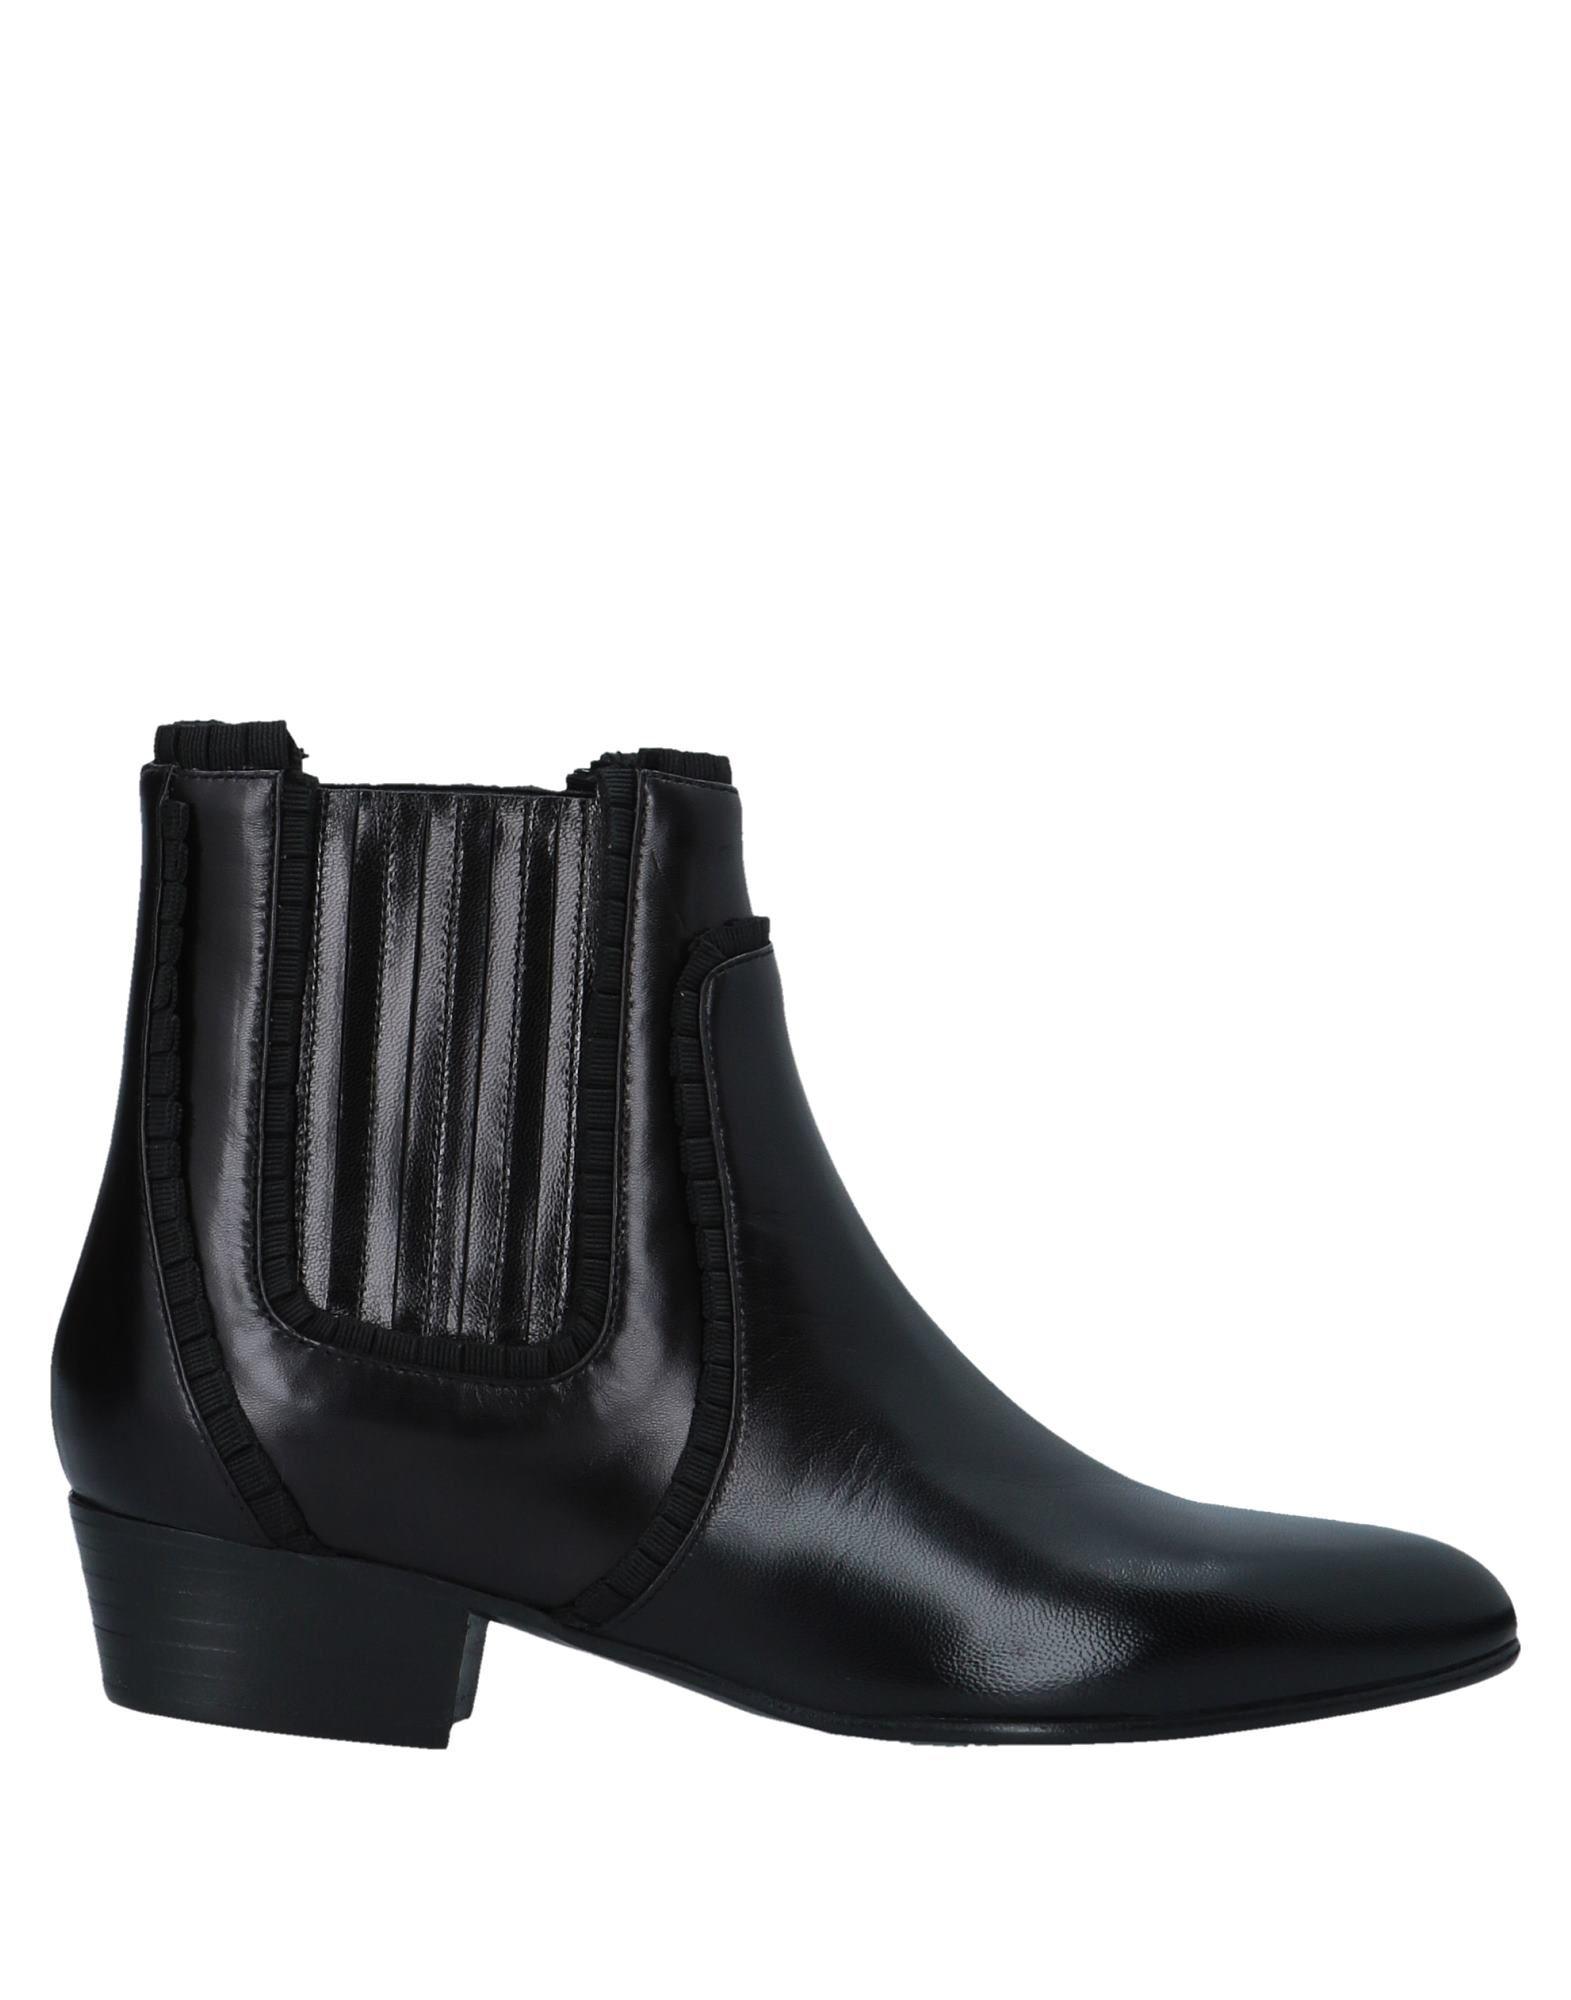 《送料無料》LOUIS LEEMAN レディース ショートブーツ ブラック 36.5 牛革(カーフ)